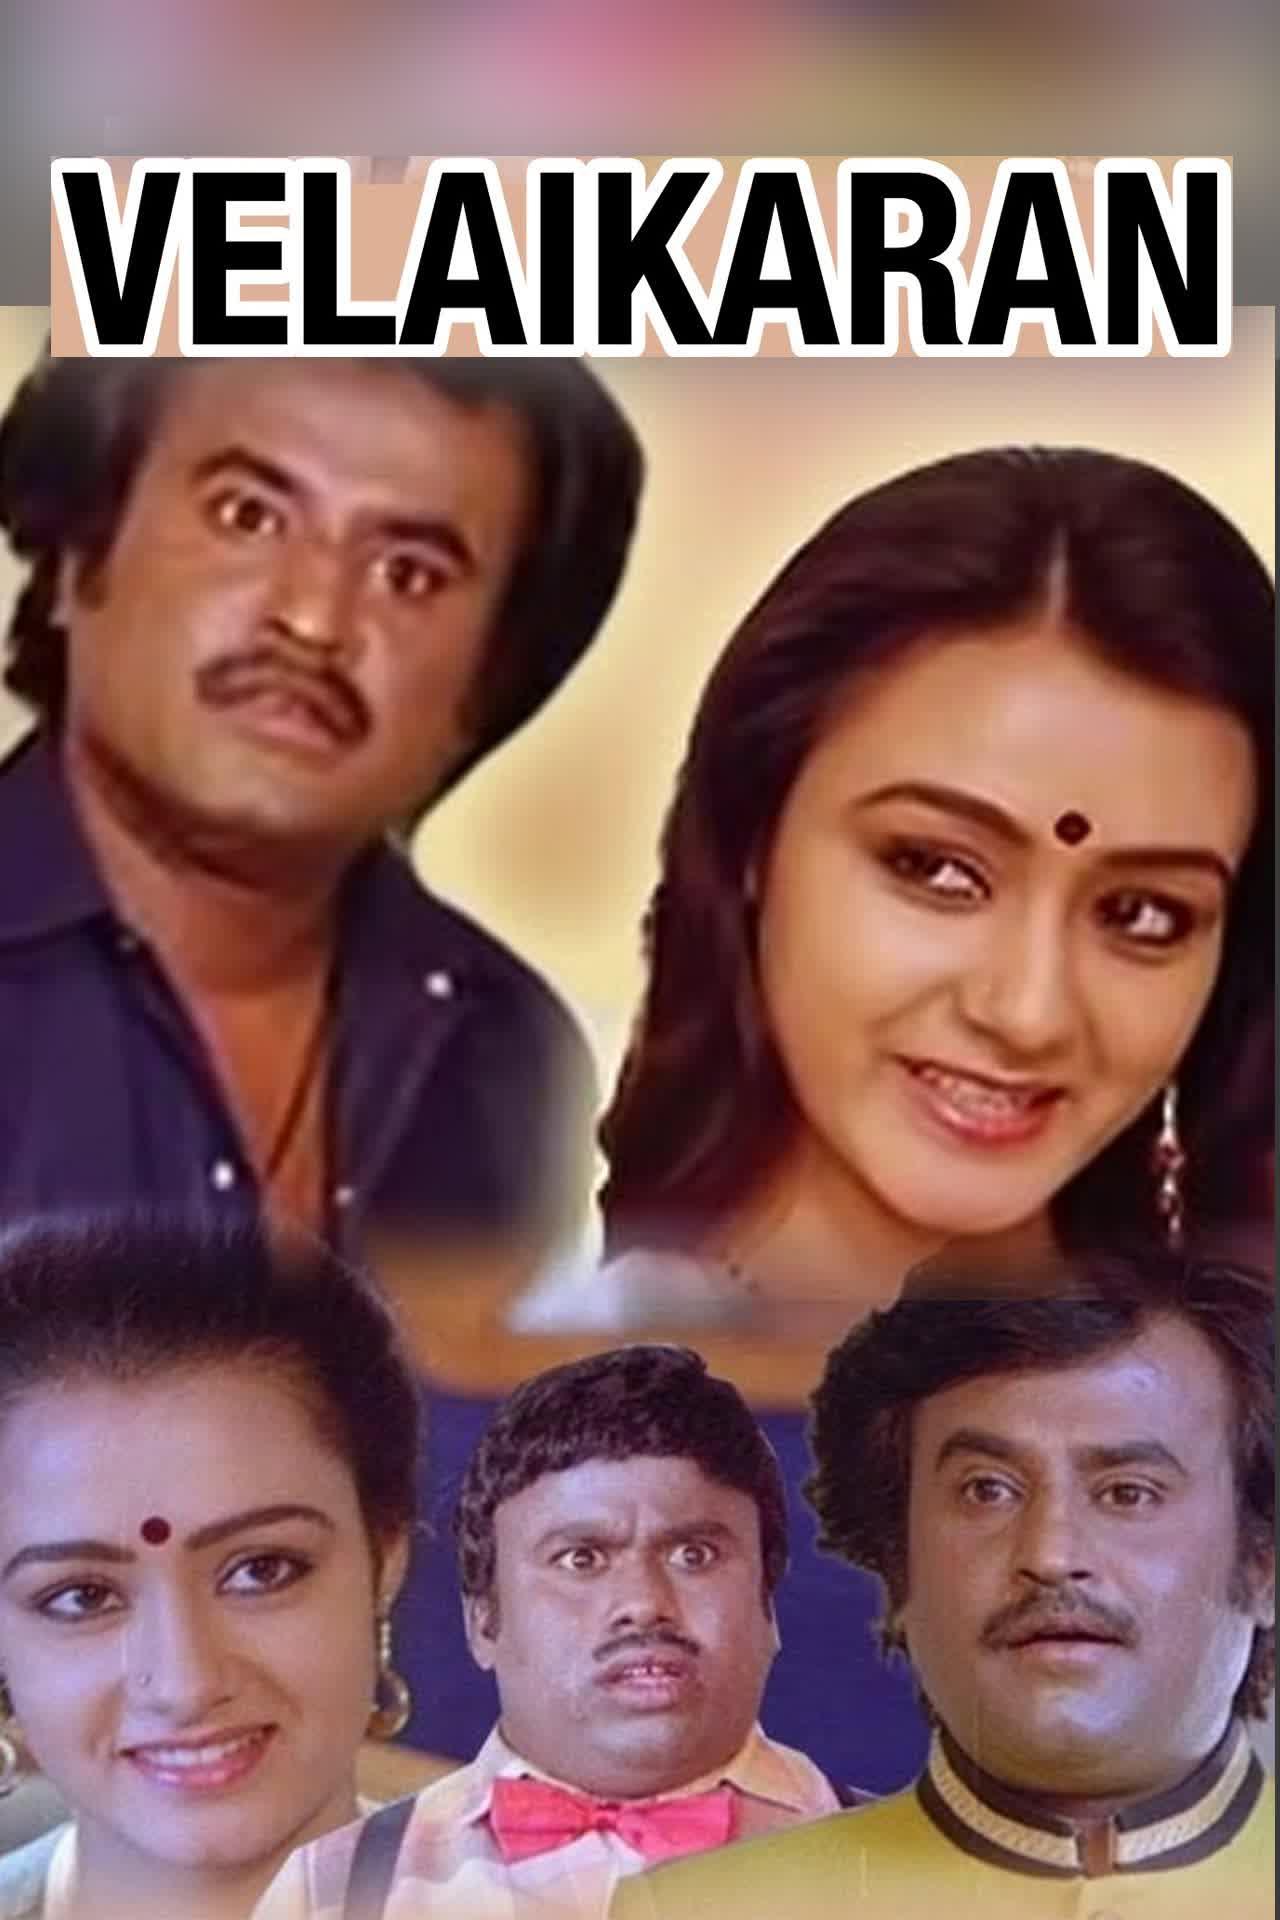 Velaikaran